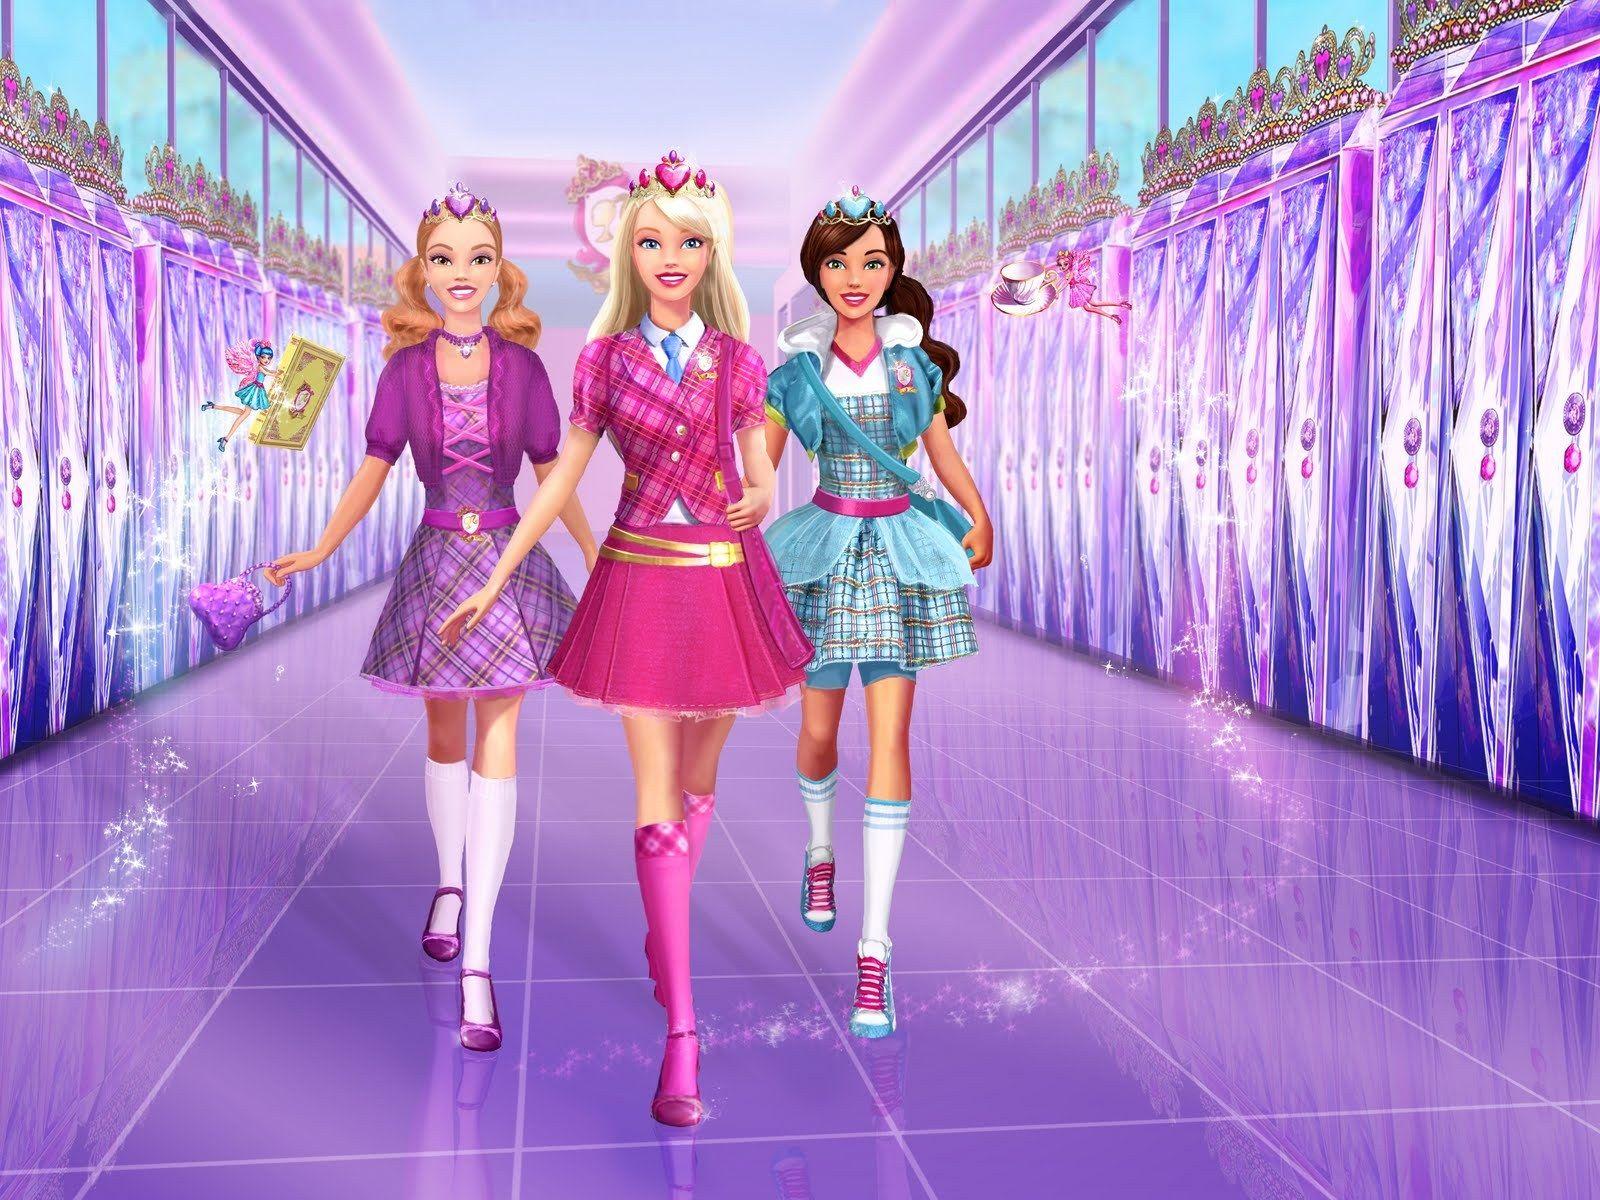 Barbie Movie HD Wallpapers Free